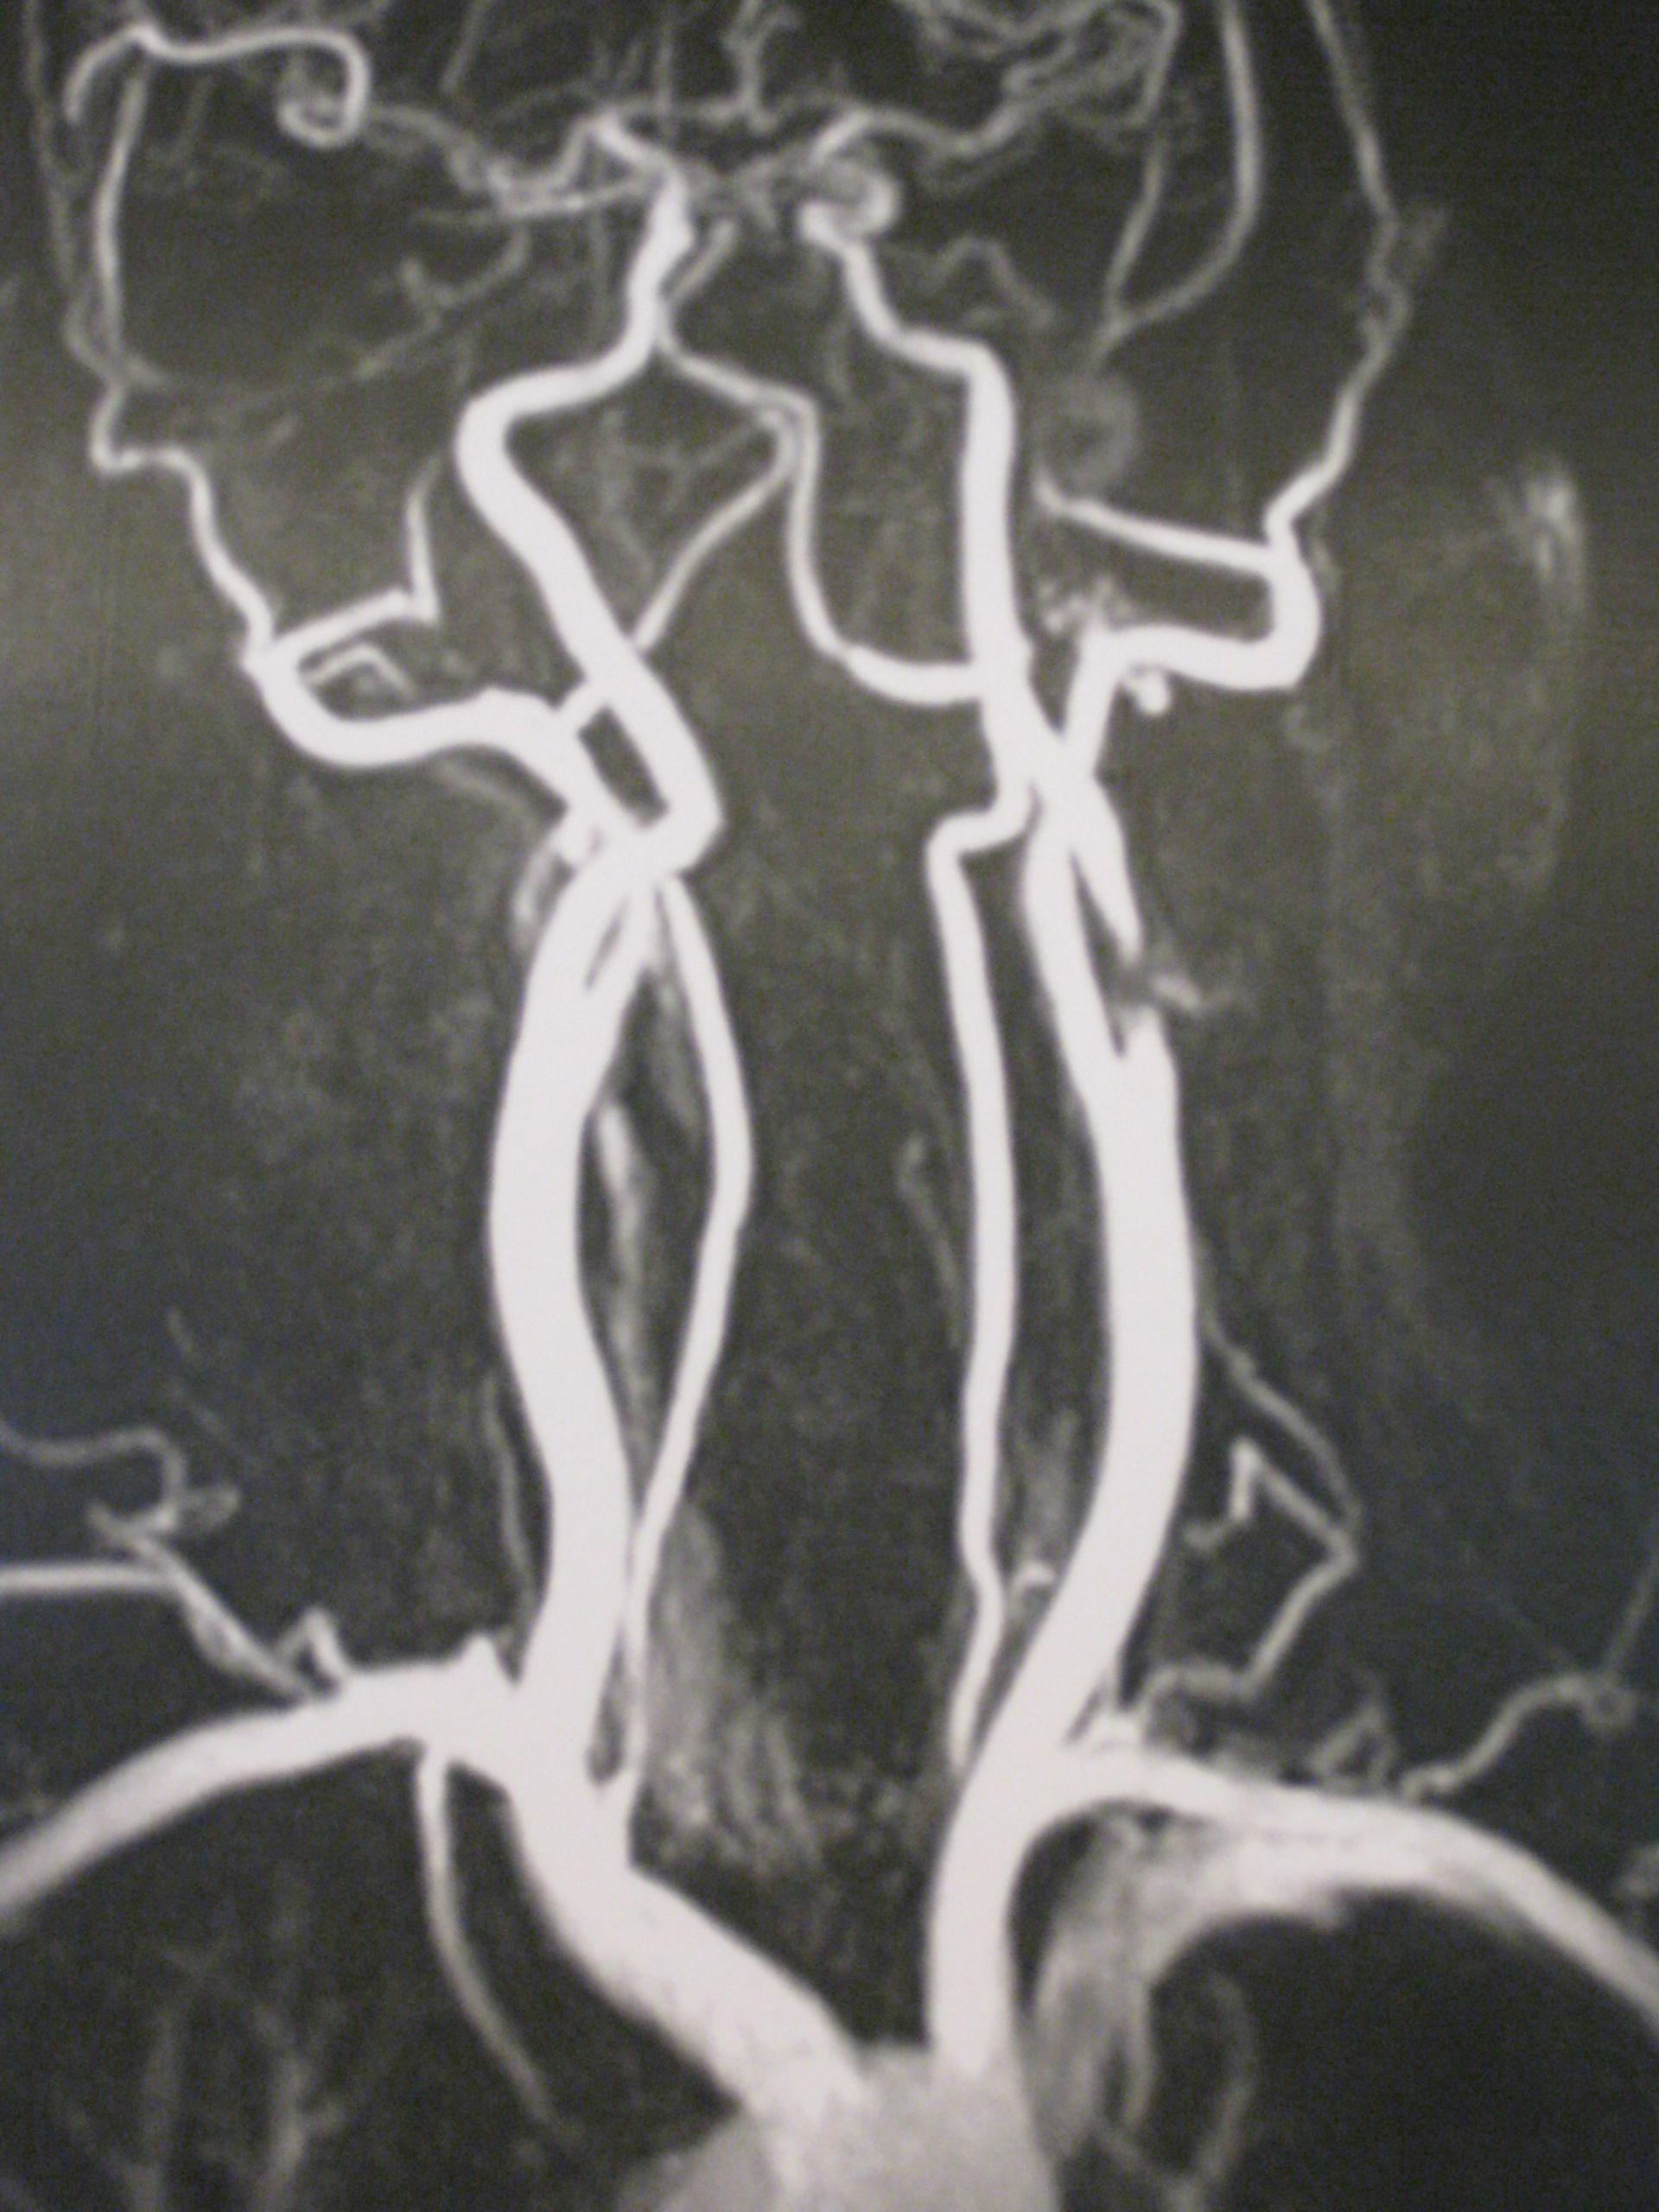 Carotisstenose links-MR Angiografie